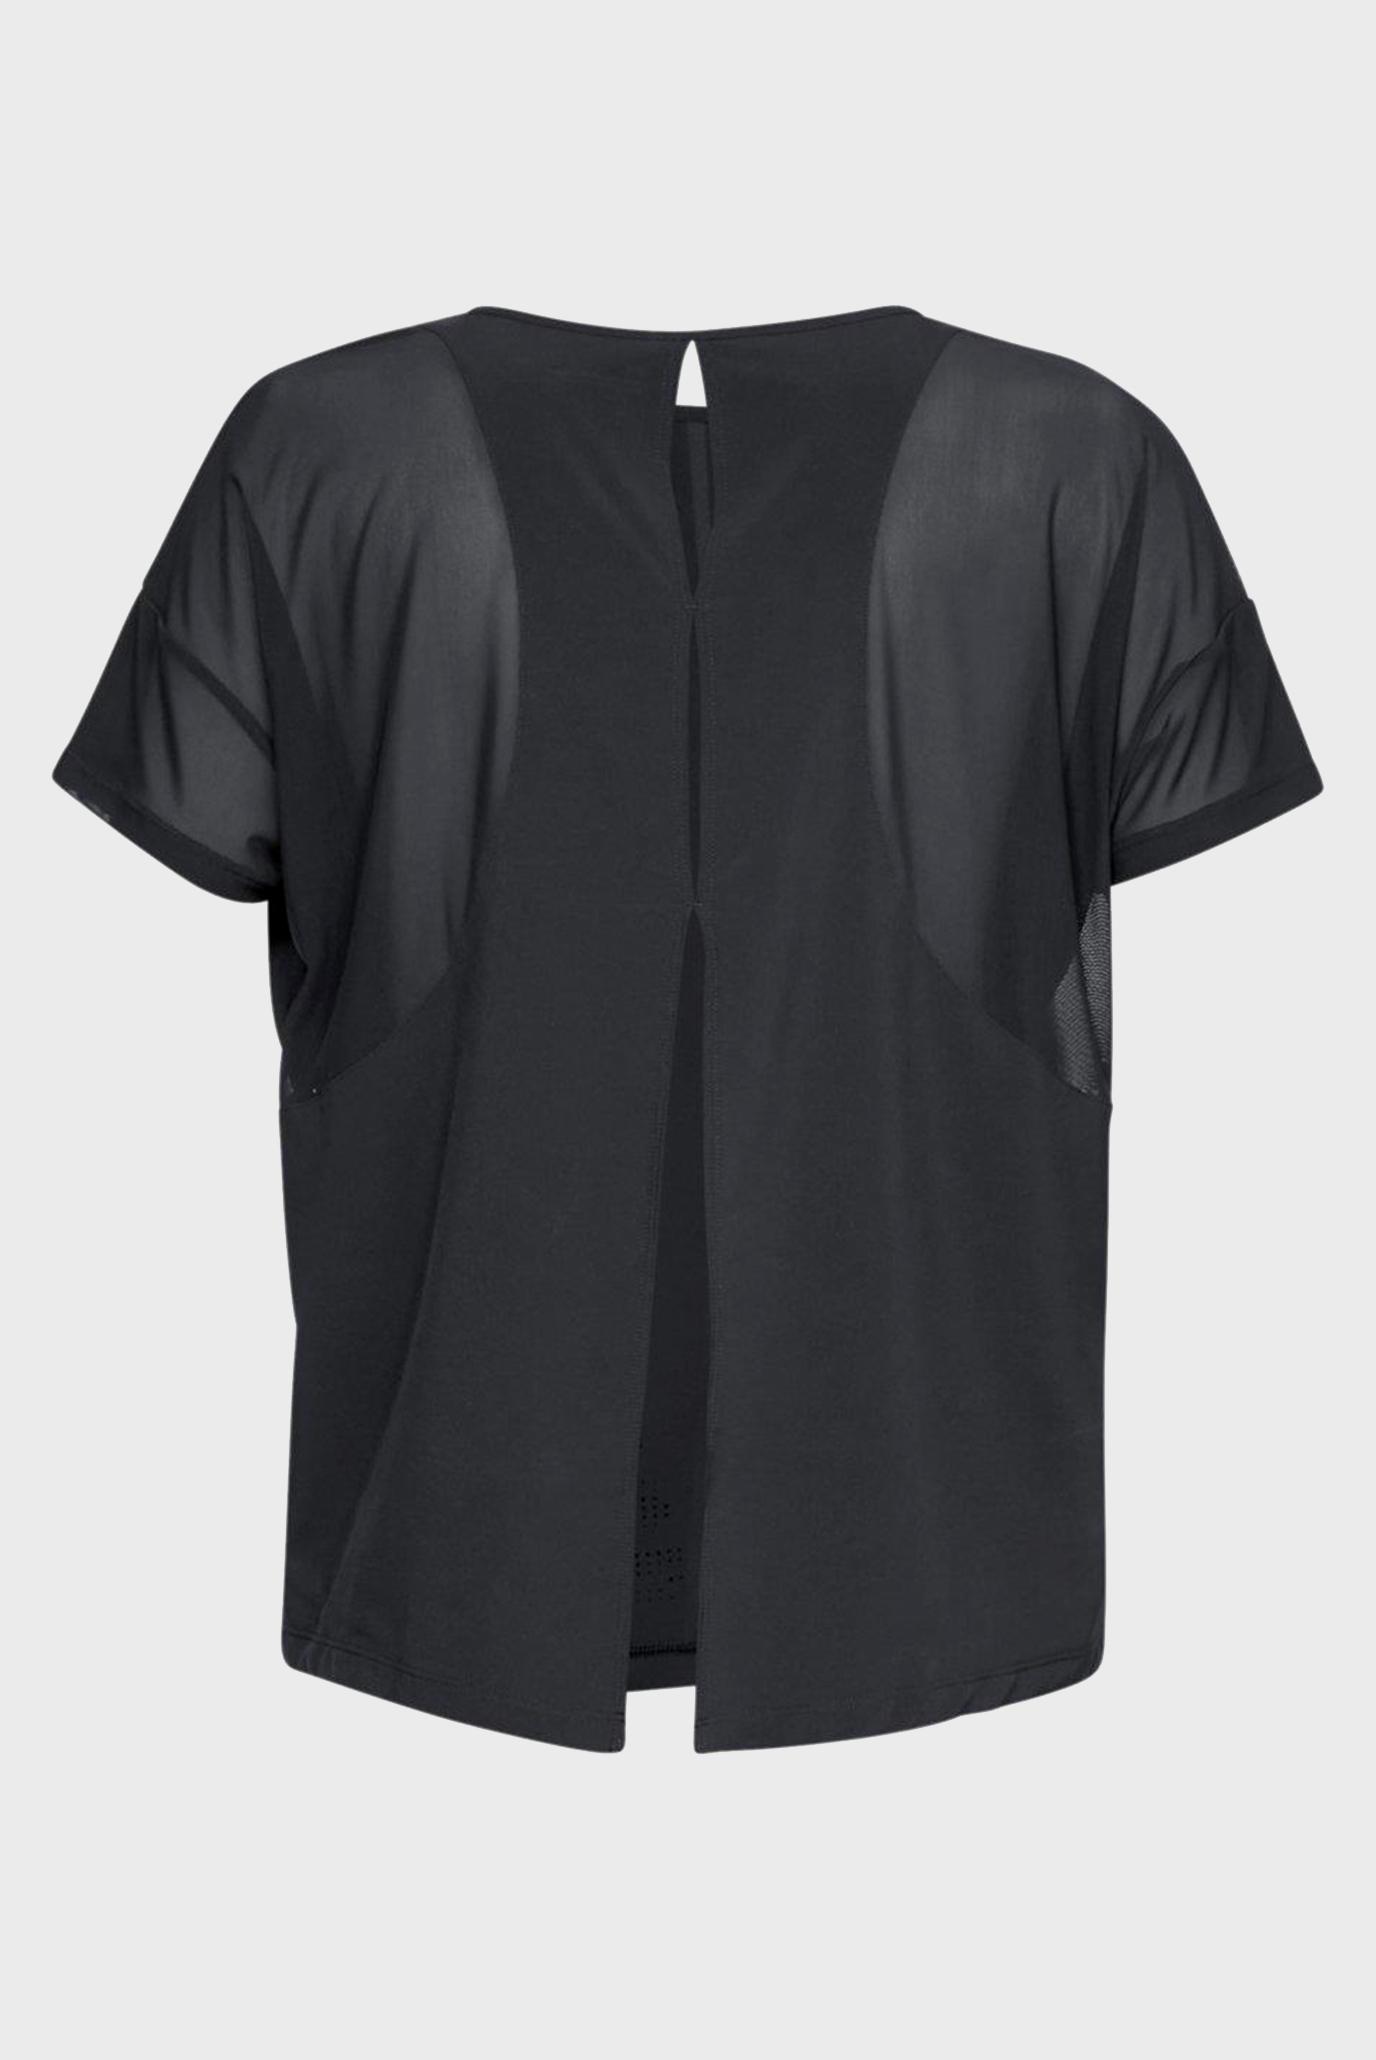 Купить Женская черная футболка Perpetual Woven Short Sleeve Under Armour Under Armour 1318055-001 – Киев, Украина. Цены в интернет магазине MD Fashion